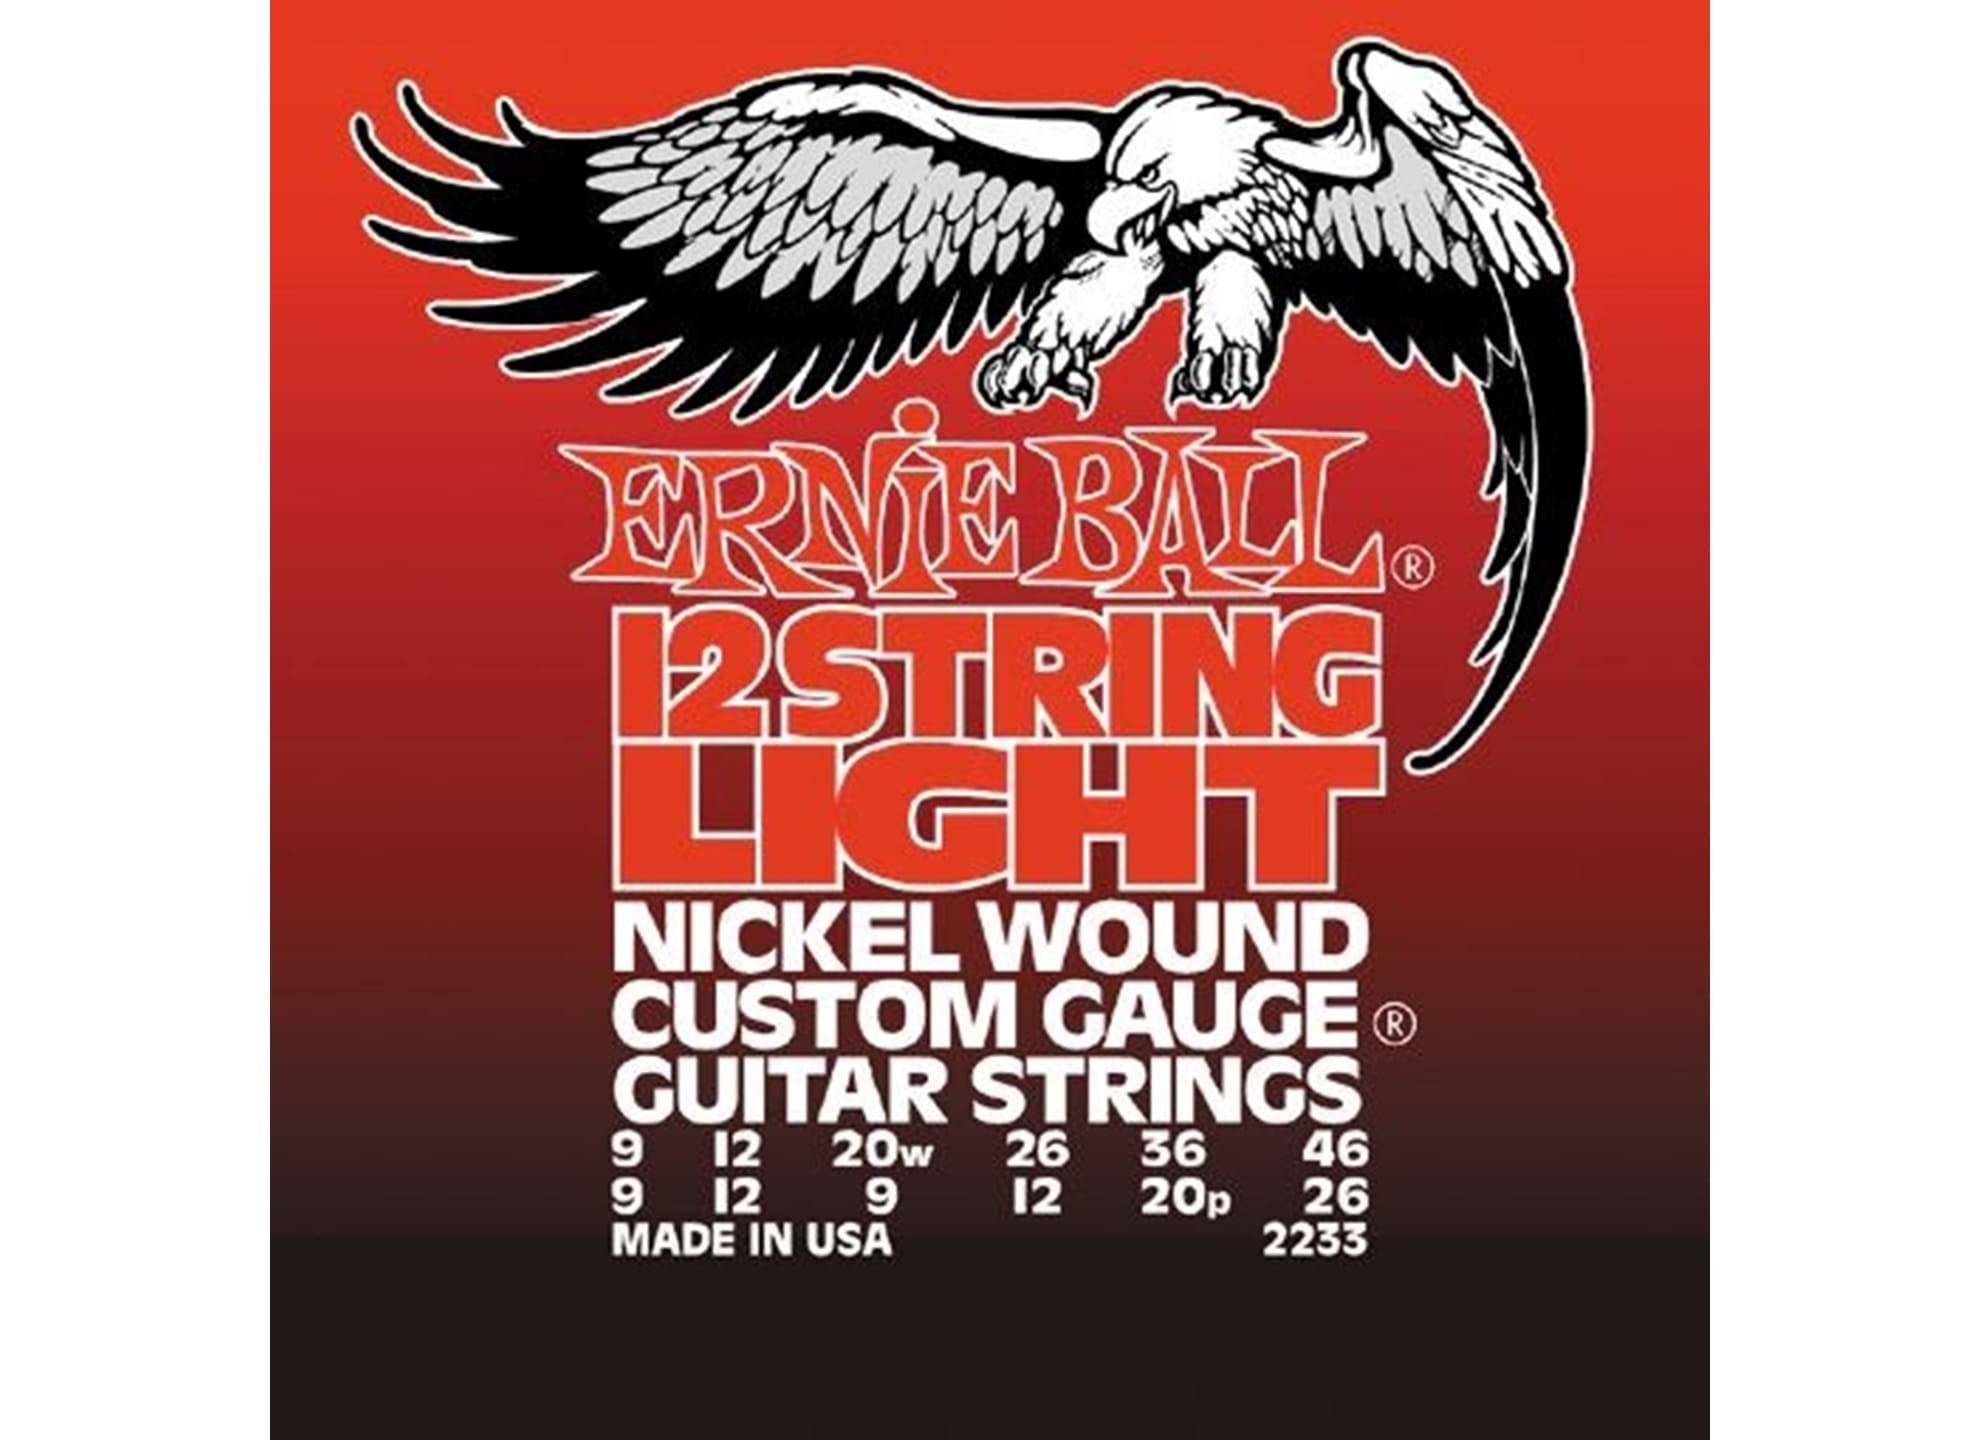 009-046 Light 12-string Nickel Wound 2233